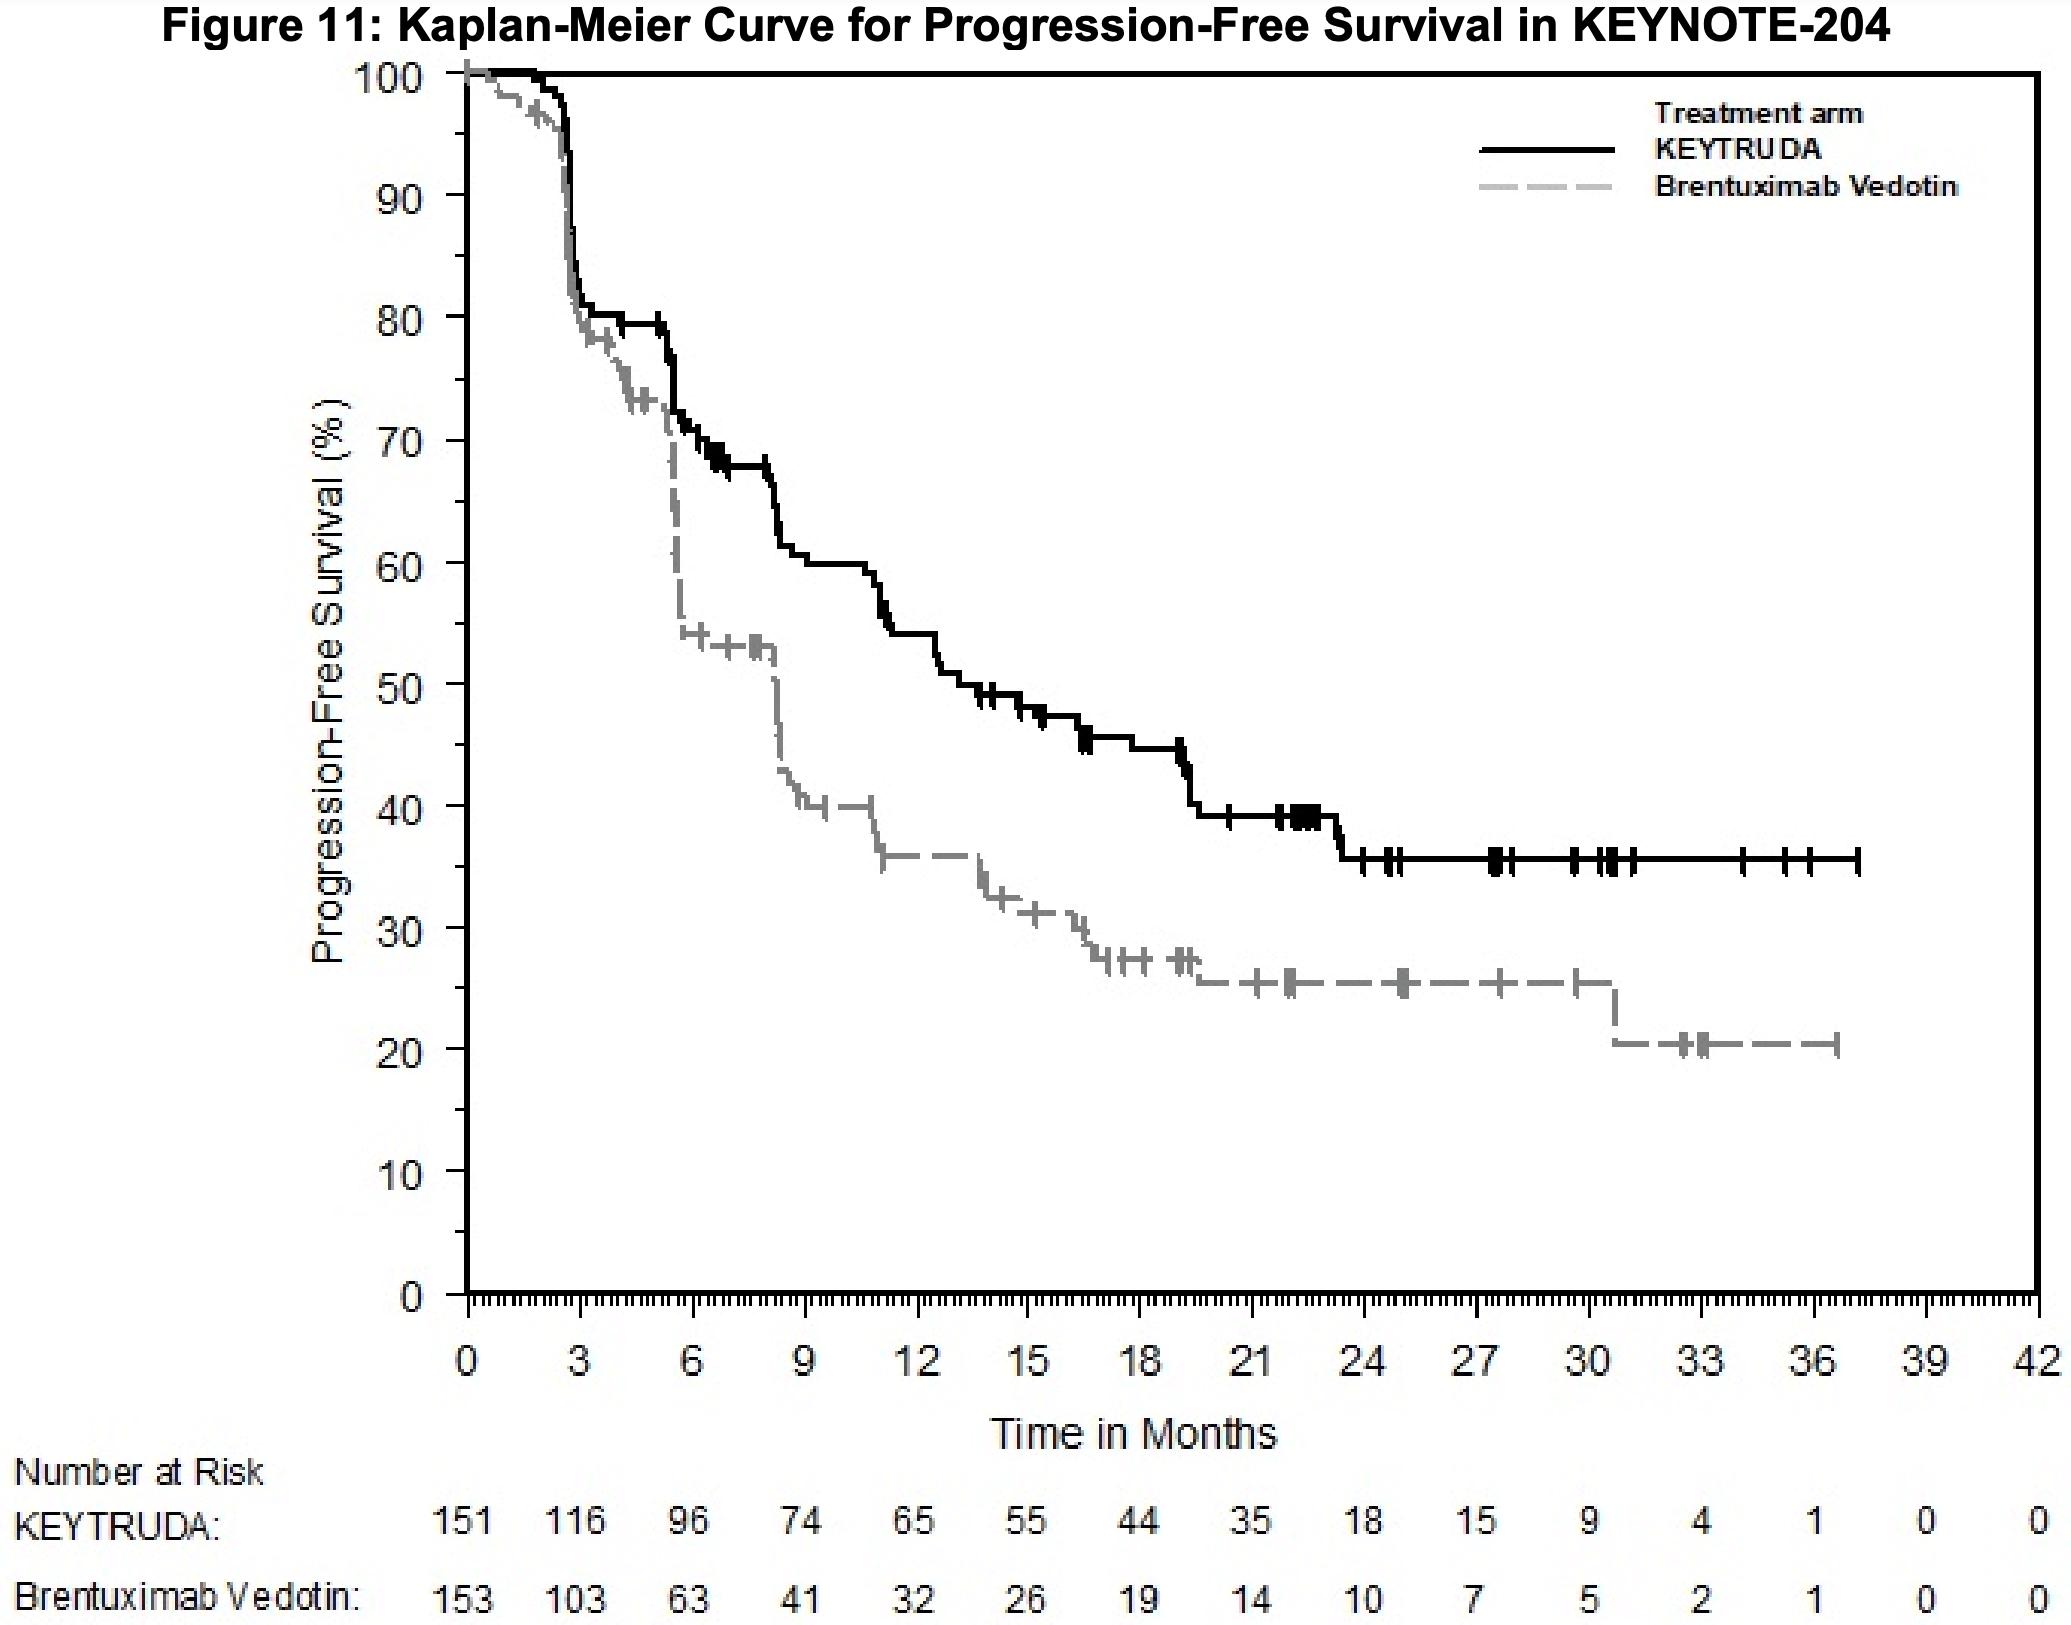 nct02684292 results 02 - «Китруда»: успешное лечение запущенной классической лимфомы Ходжкина